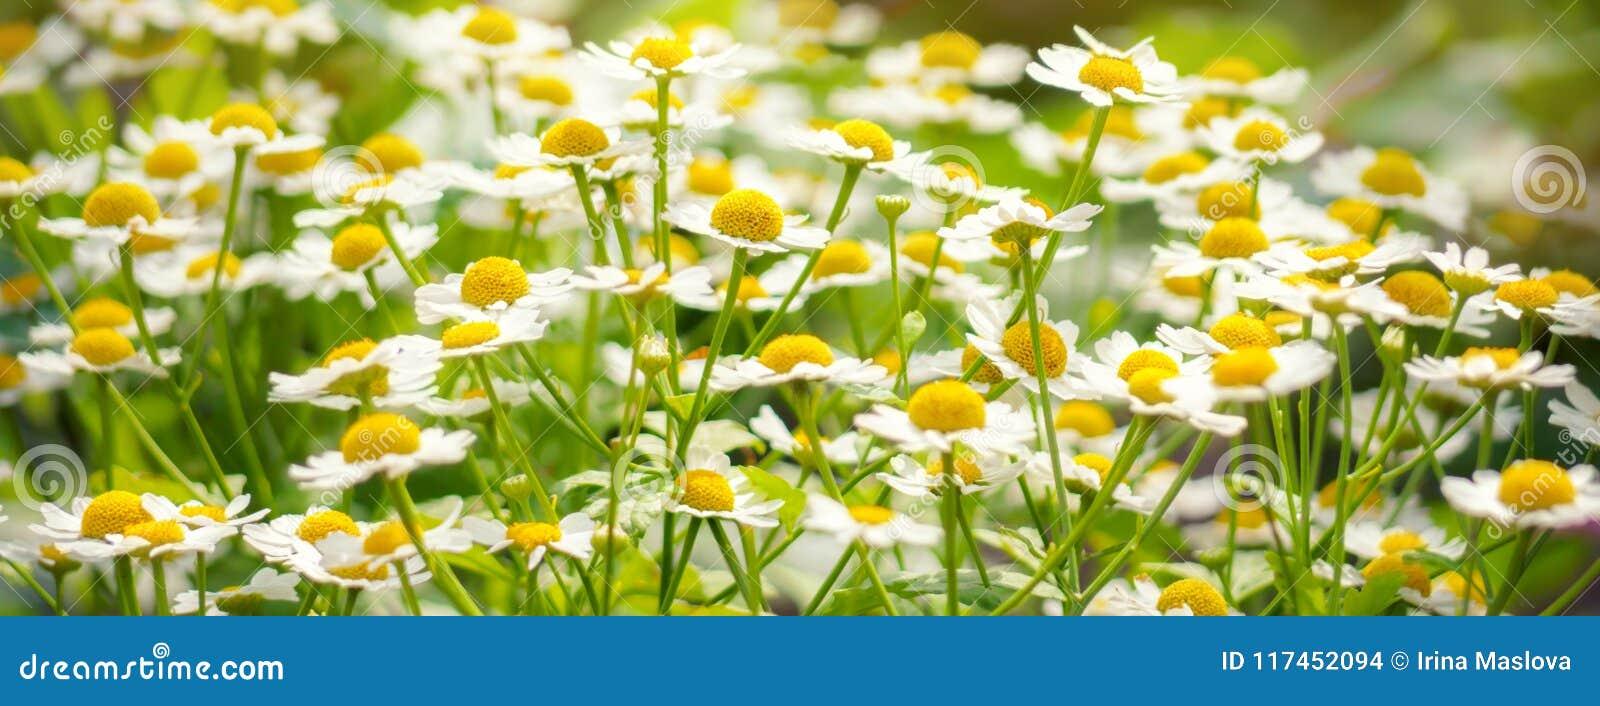 Primavera del verano de la luz del sol de la planta de la margarita del campo de la manzanilla de las flores salvajes